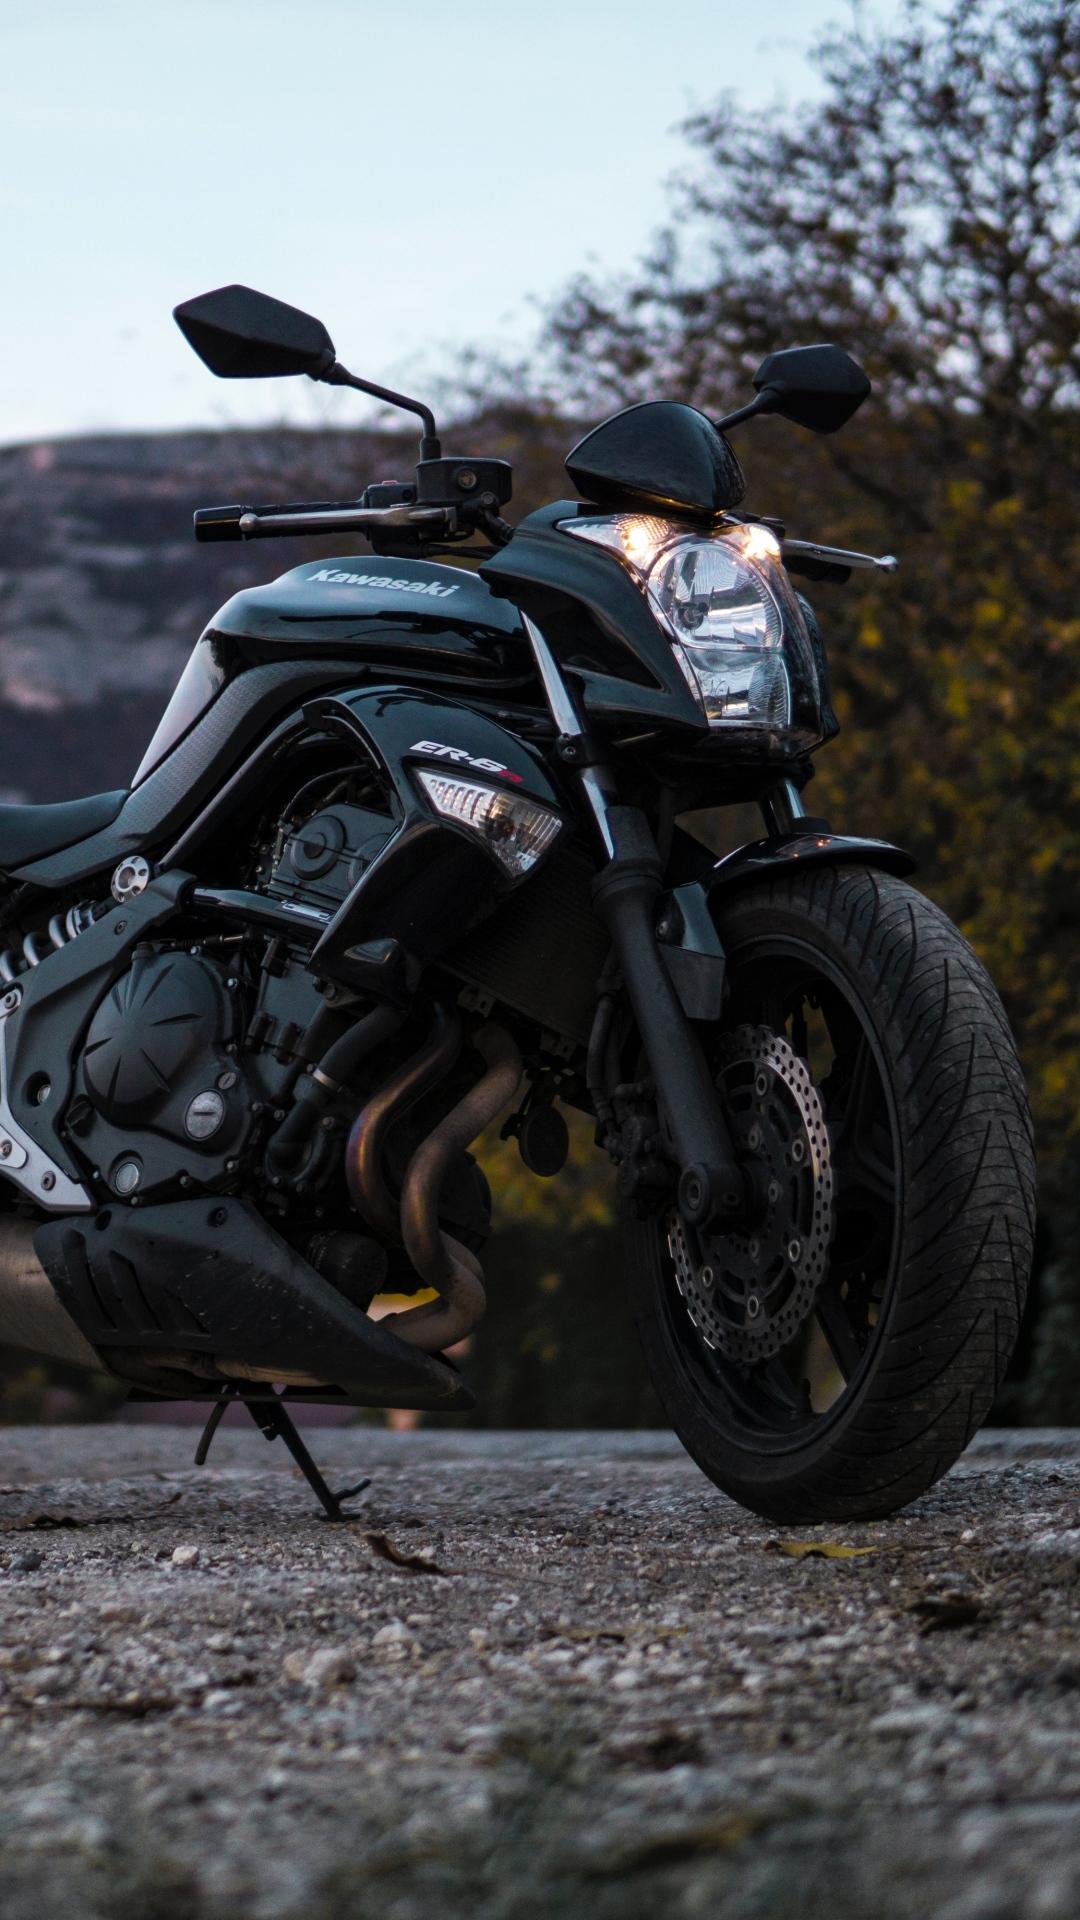 iphone wallpaper motorcycle road Motorbike